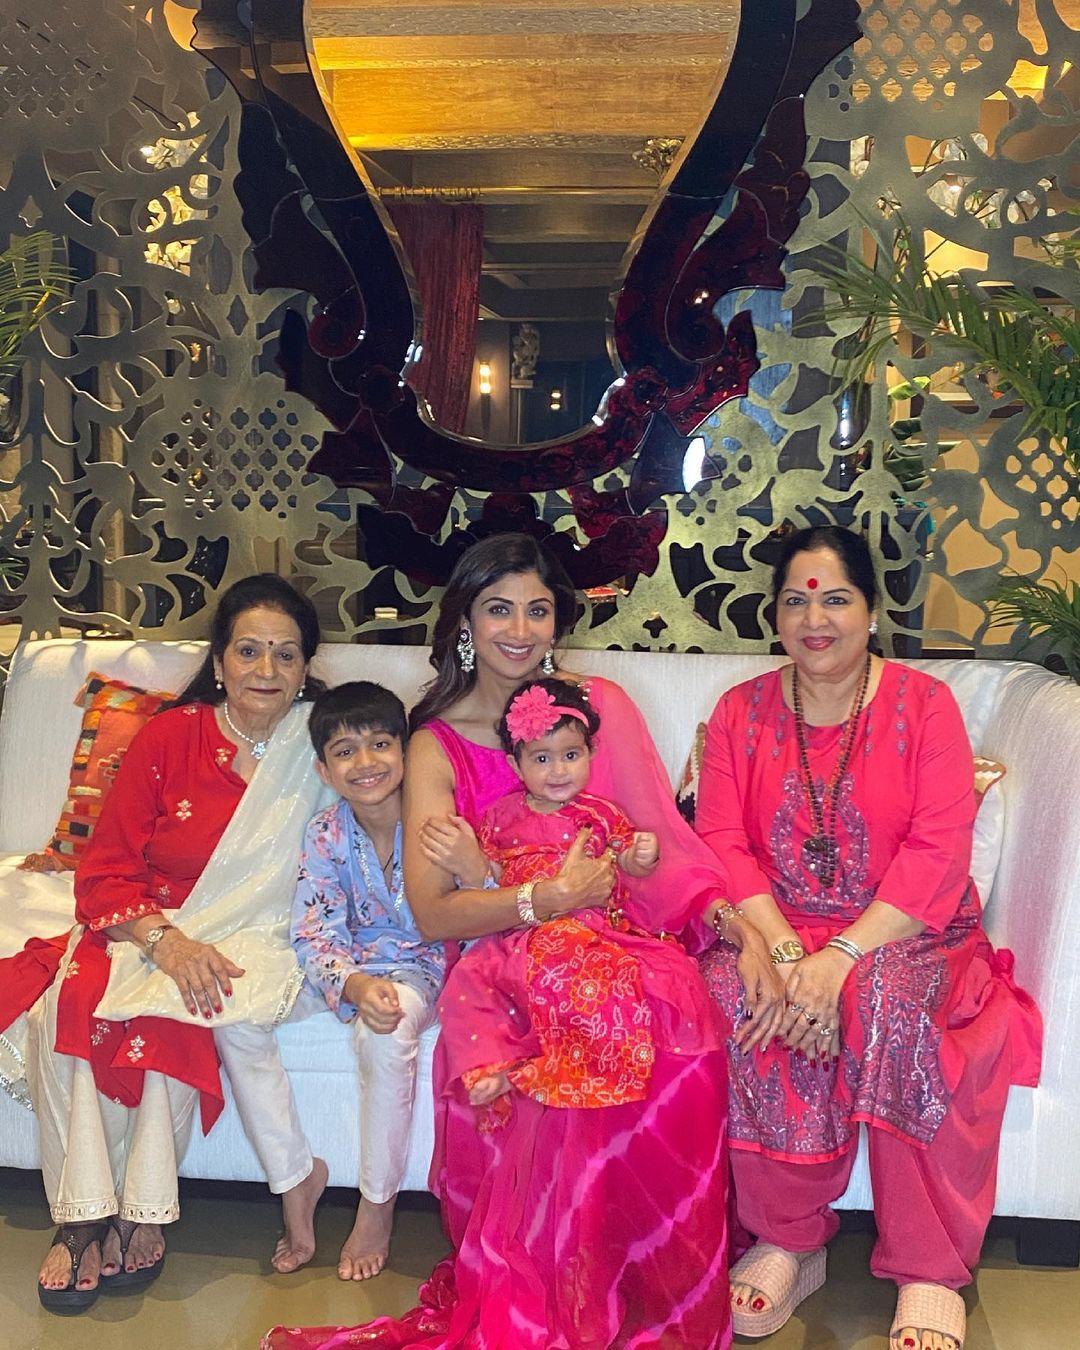 raj kundra shilpa Shetty family